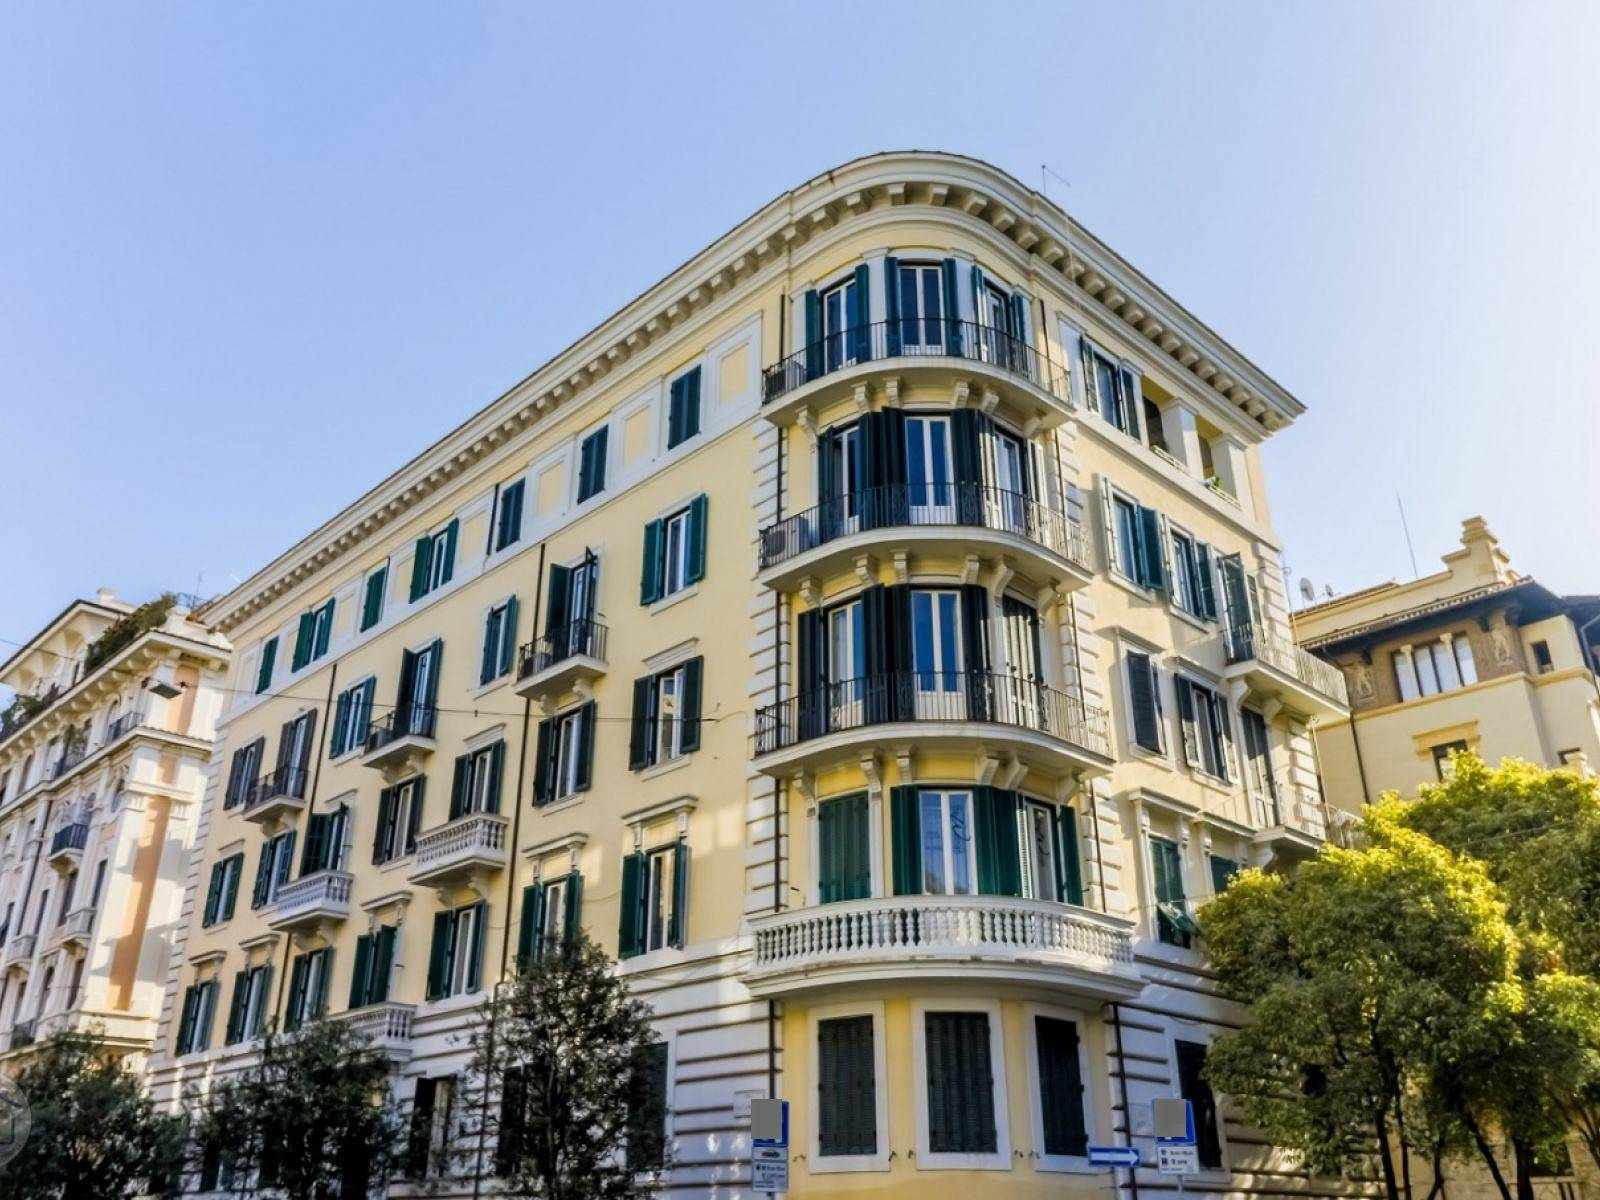 1118418730 Plurilocale (7) in Via Tagliamento, Roma, Zona Trieste